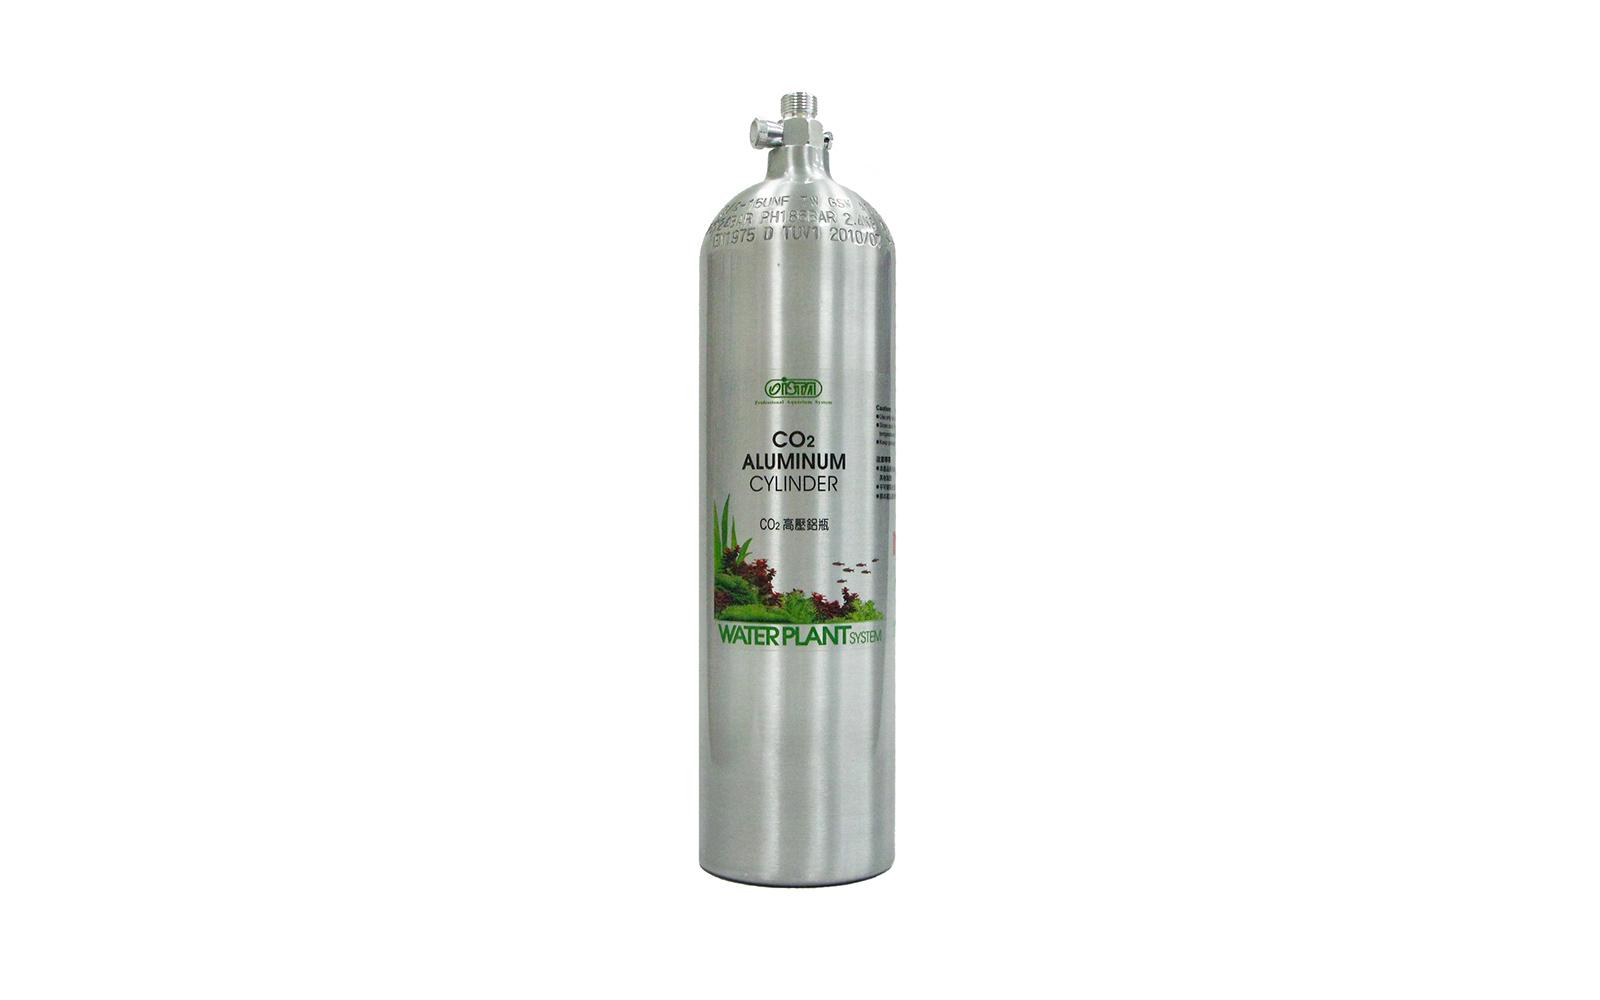 Co2 Bottle 25gr Fv.Quality Home Brew. Fs. Co2 Bottle Co2 Tanks The Denver Liquor Barn. Co2 ...